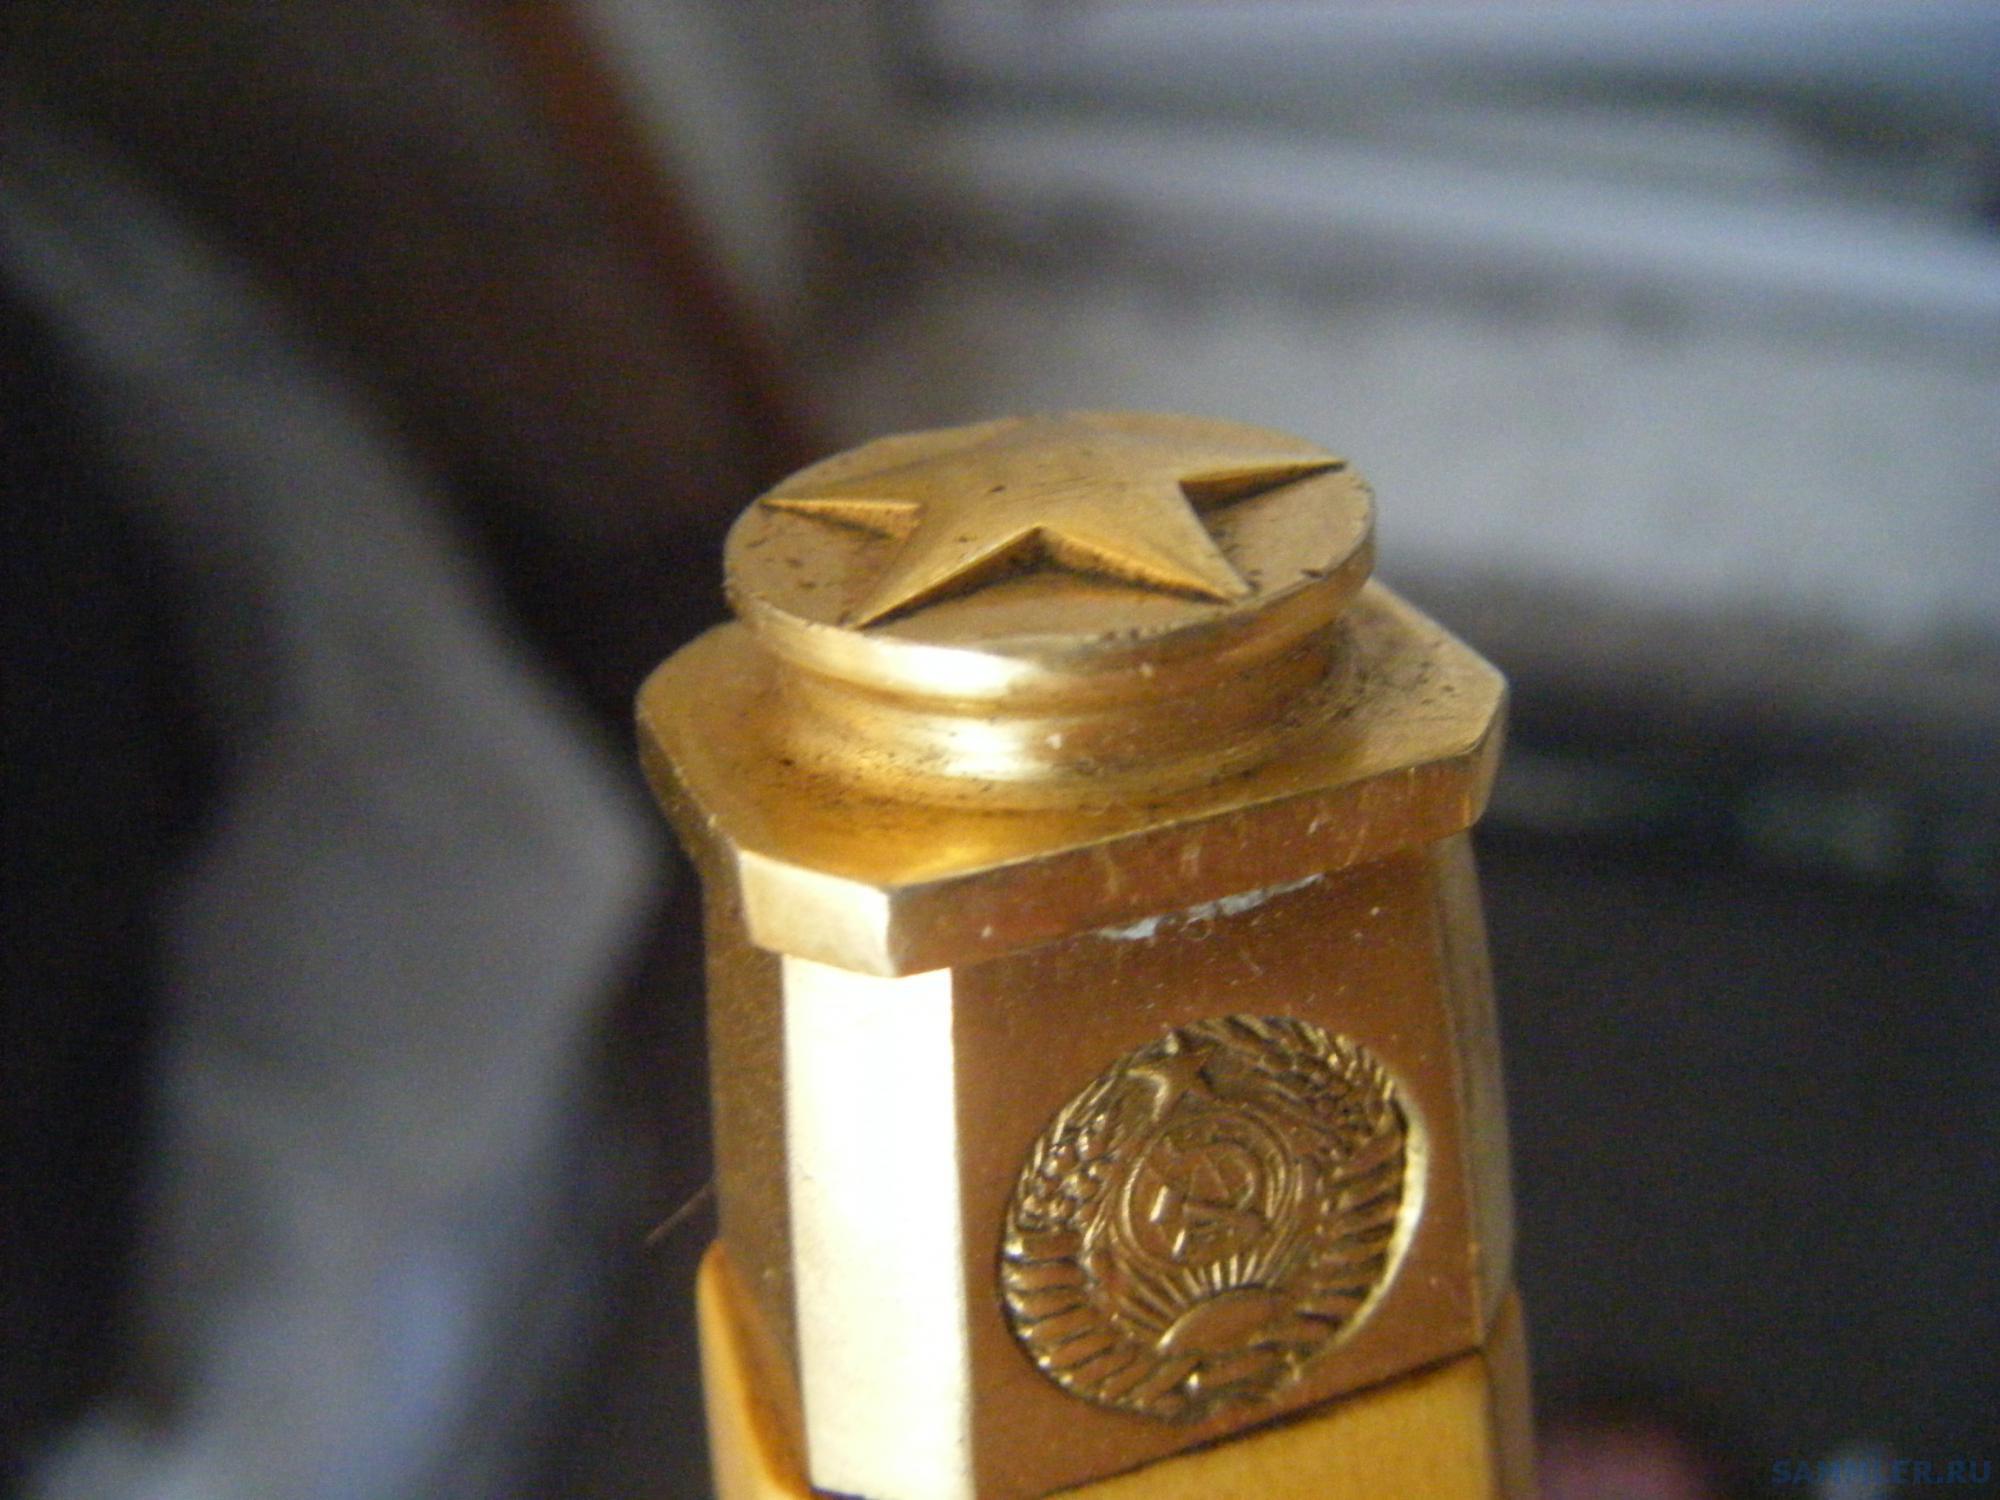 DSCF0160.JPG